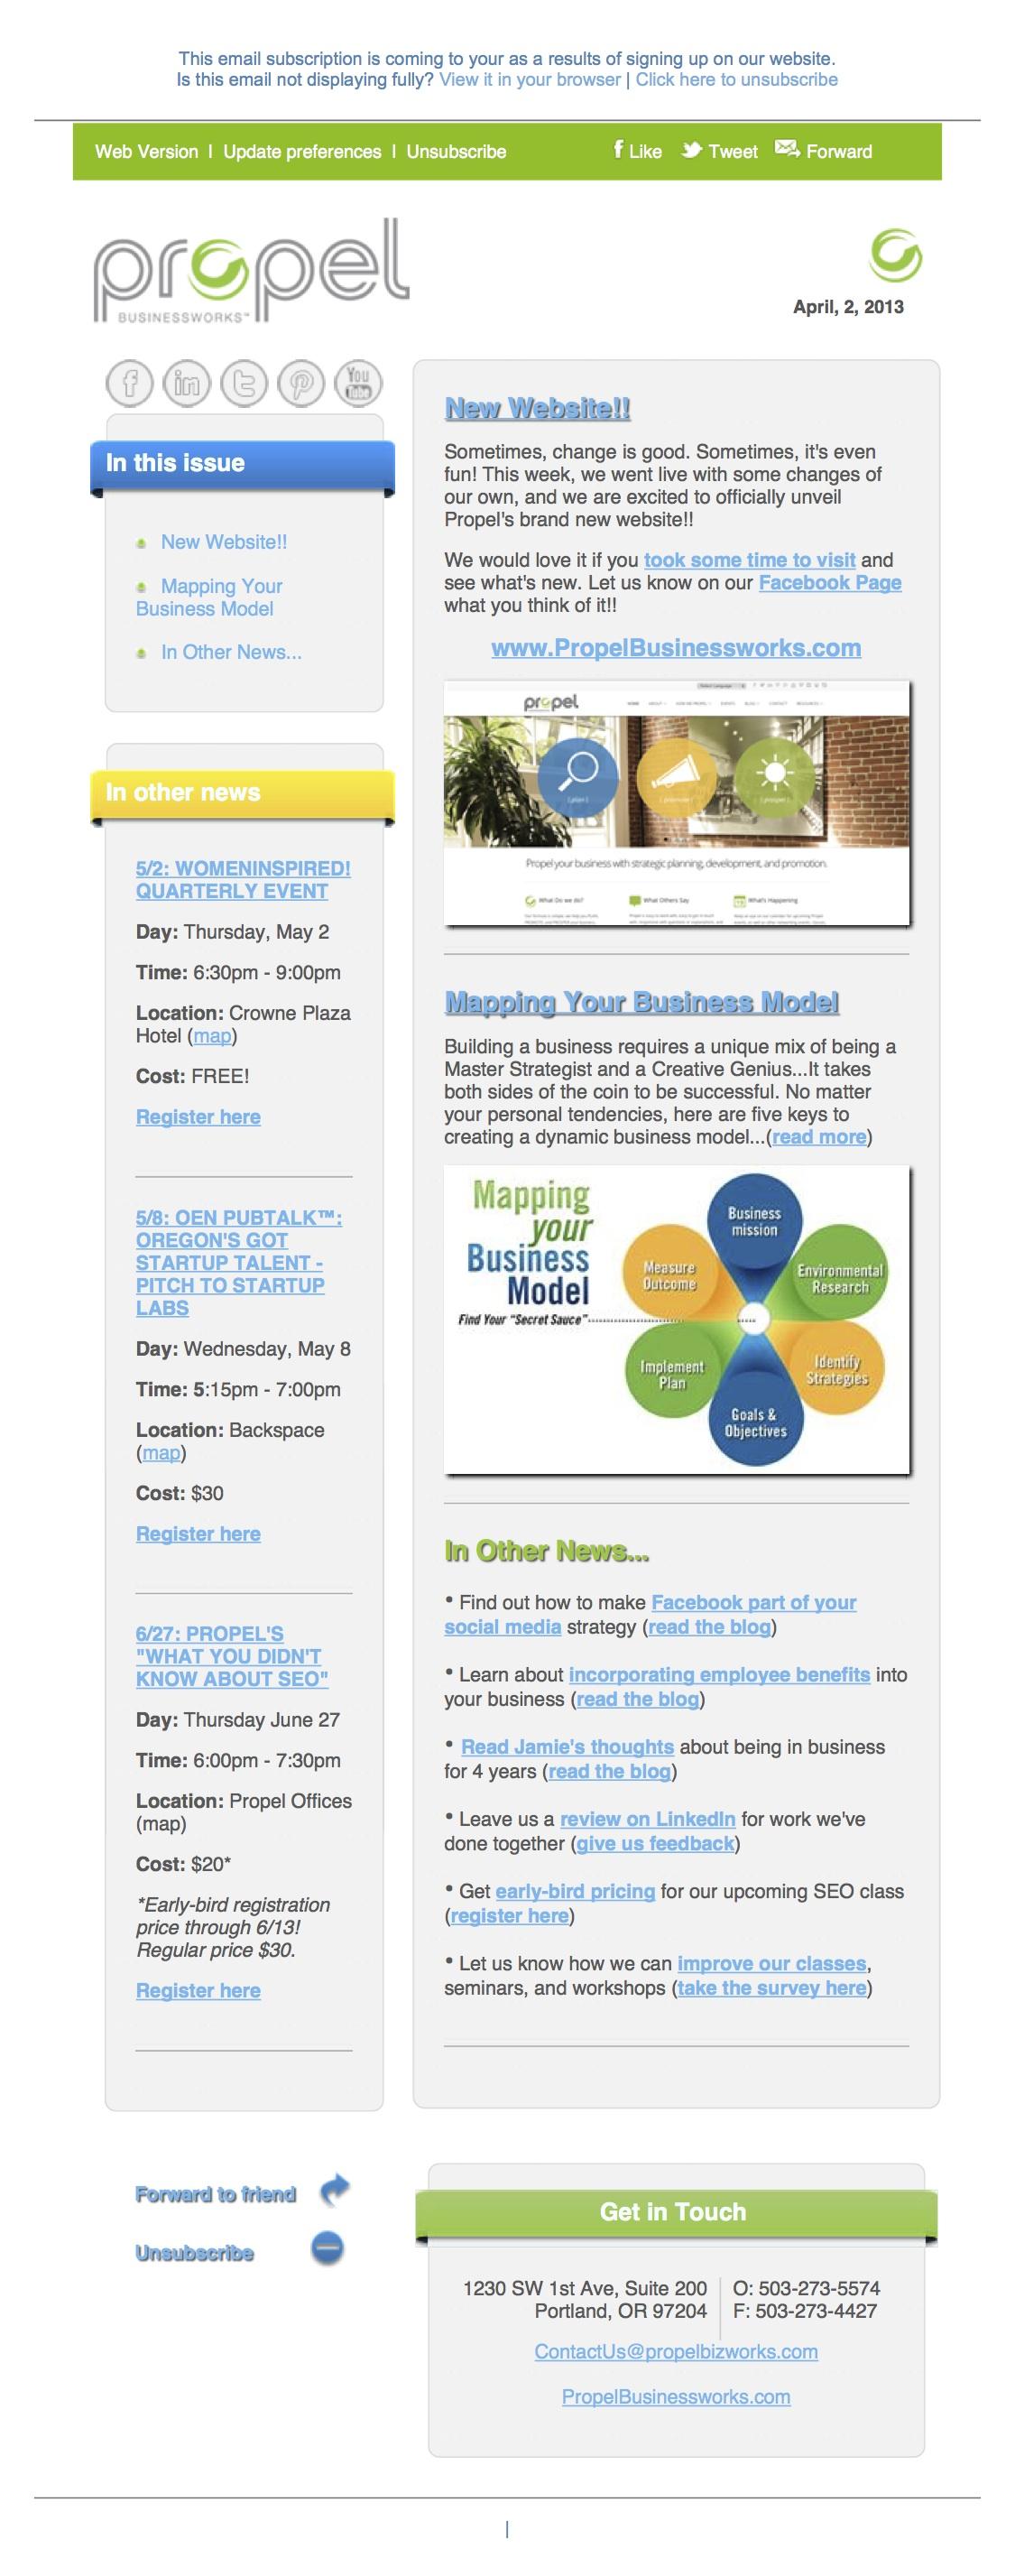 custom e-newsletter template, e-newsletter system, e-newsletter for business, e-newsletter template